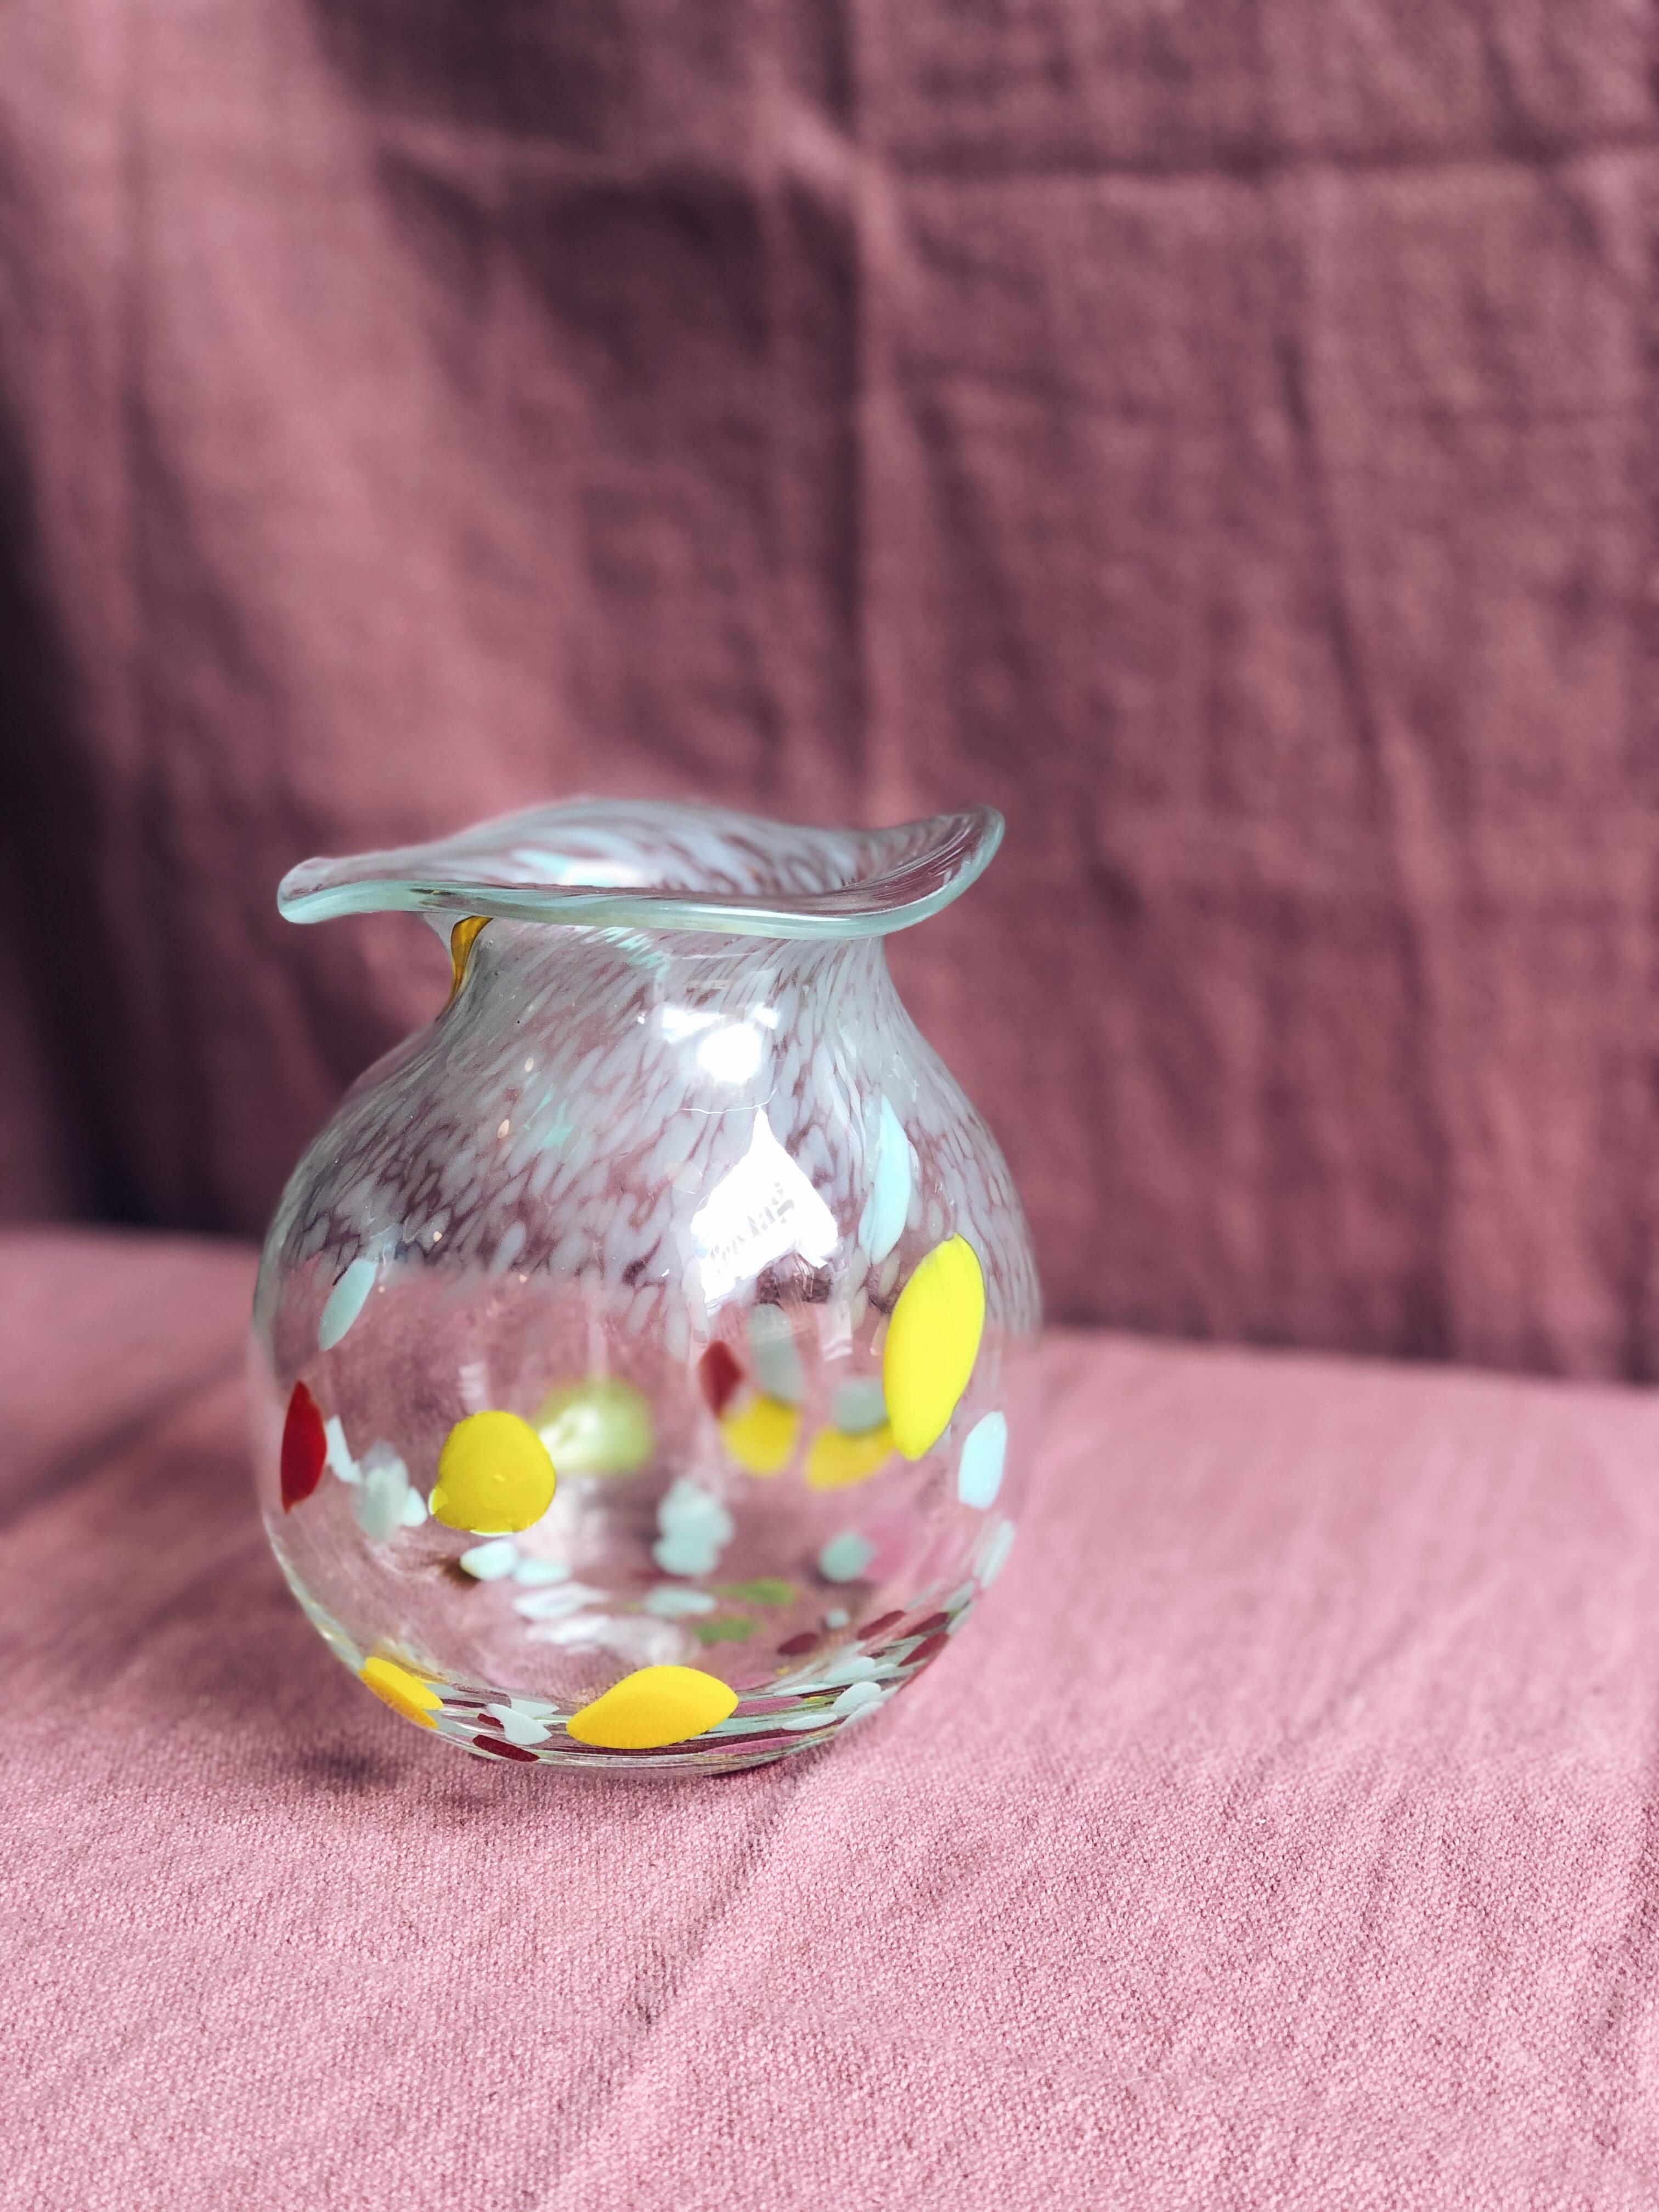 FREDAG x Merete Rein, Vase 1